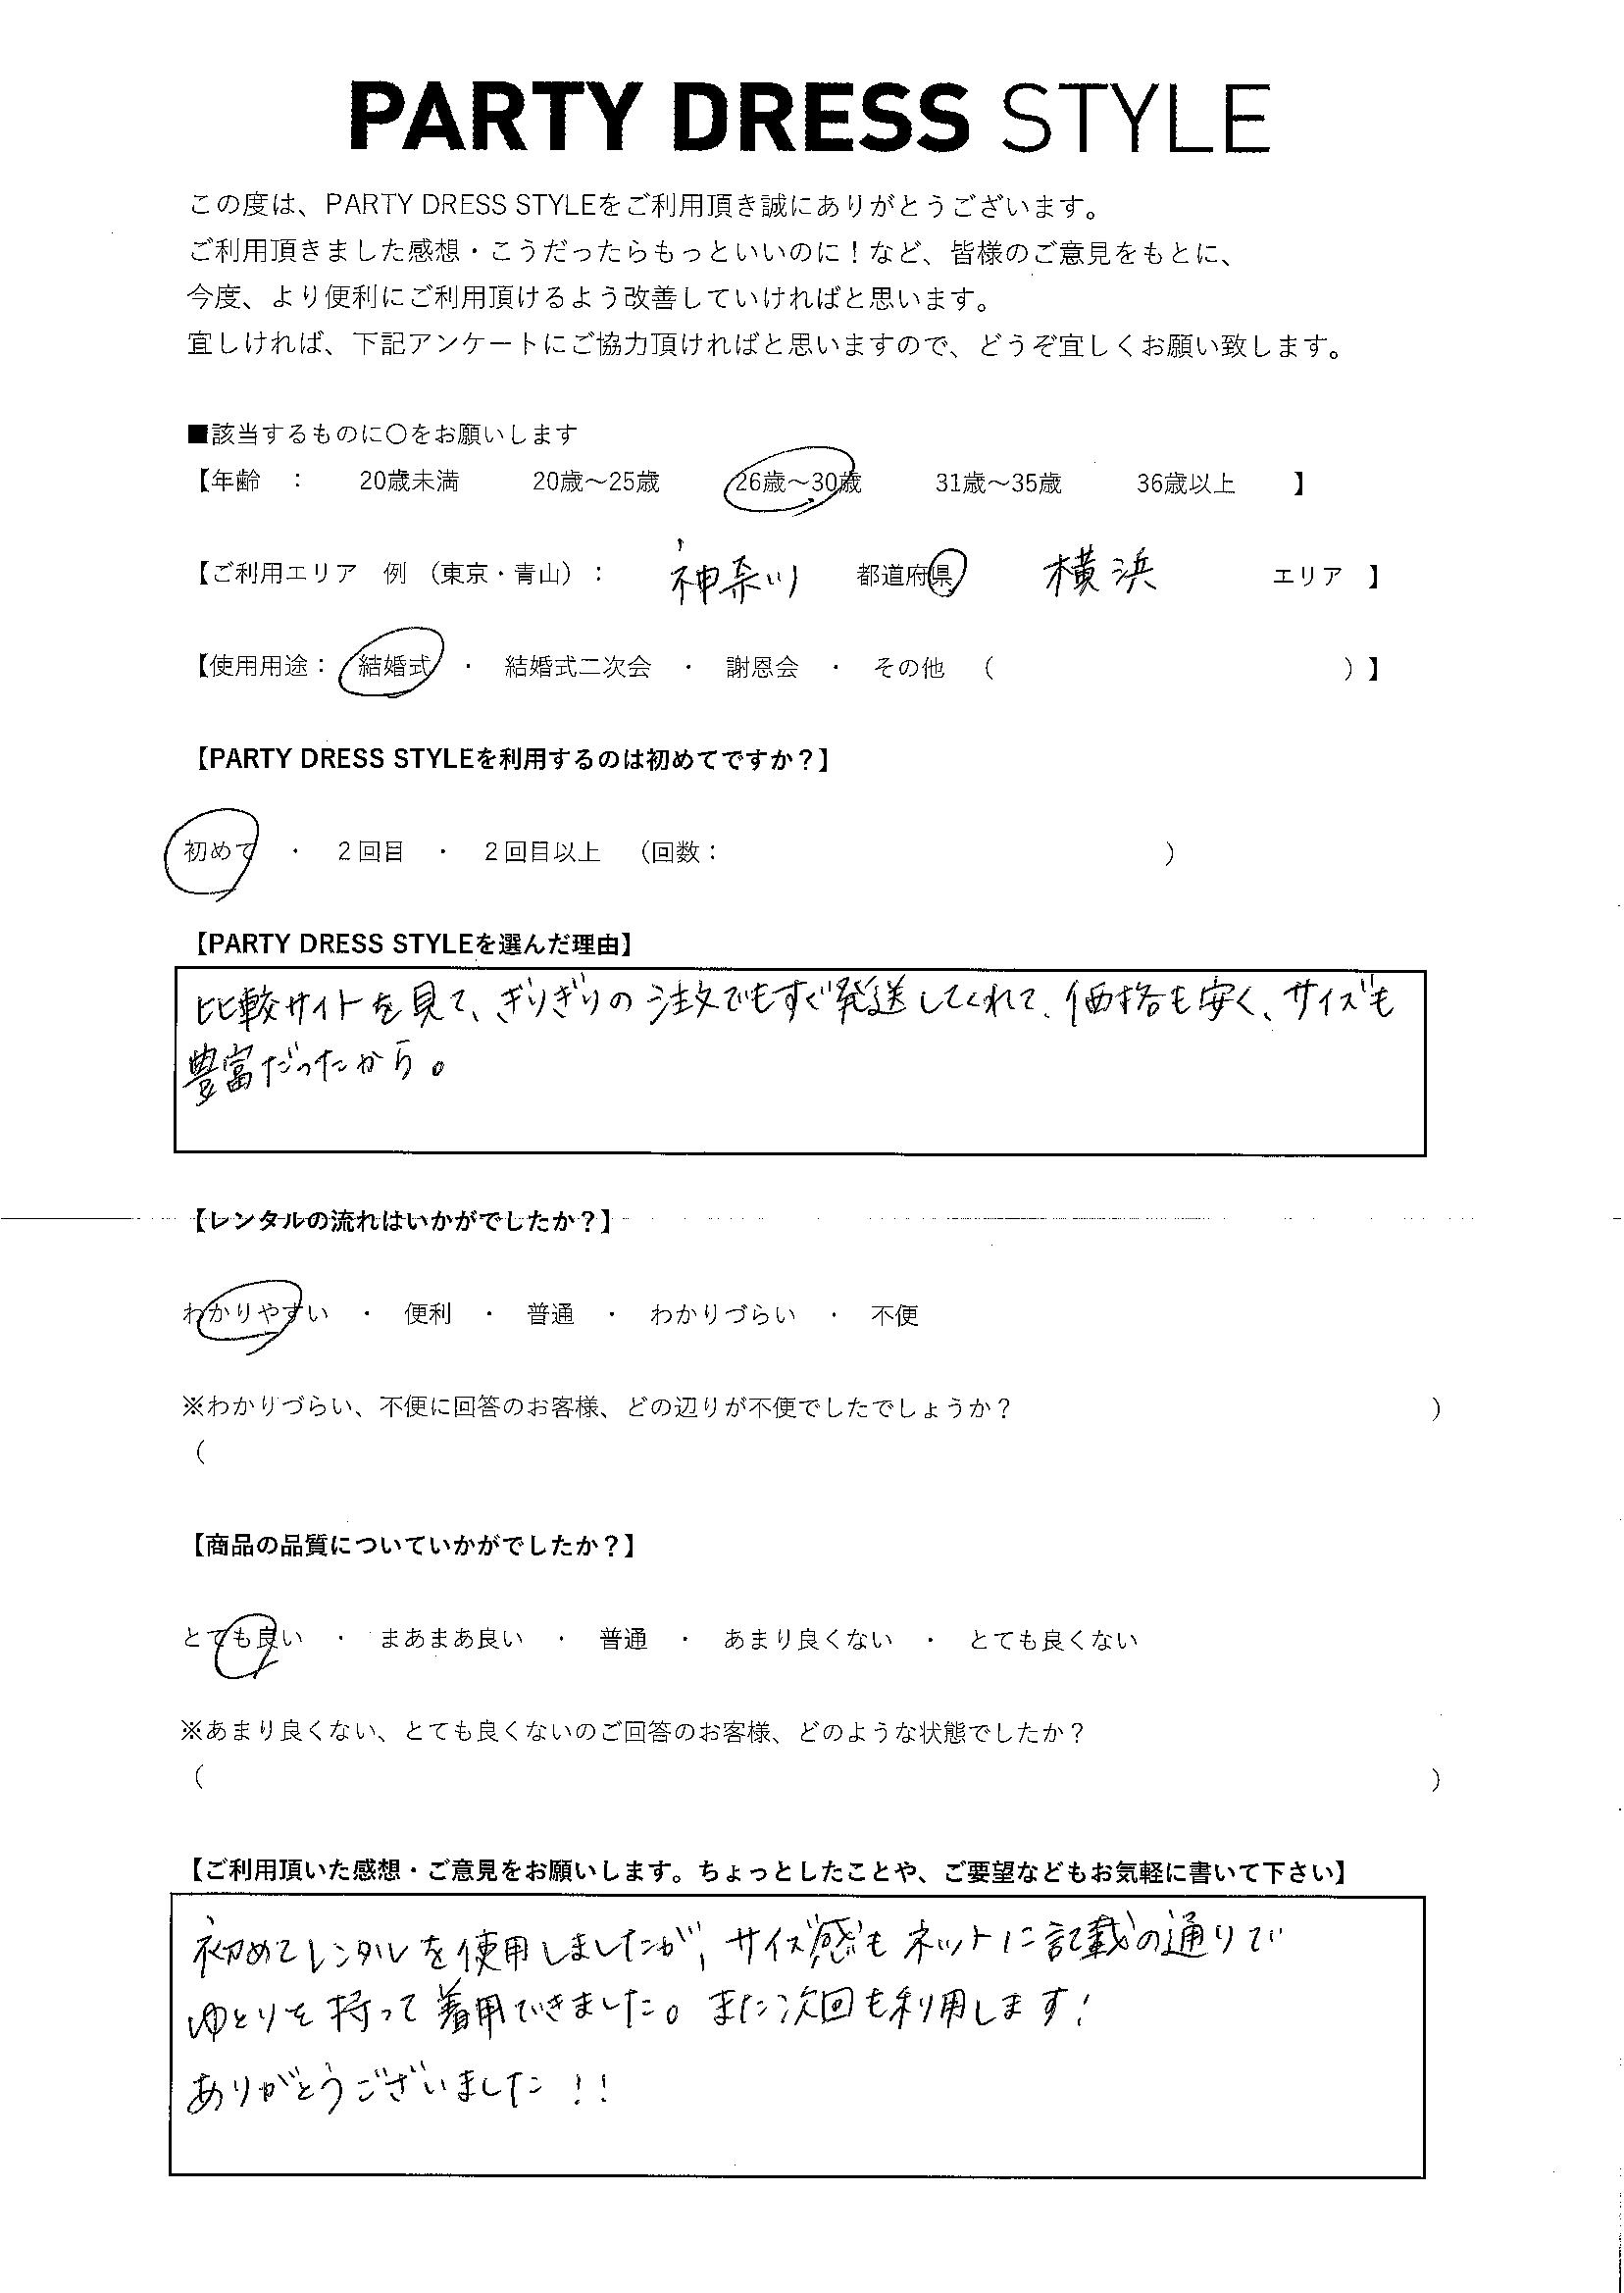 8/3結婚式 神奈川県・横浜エリア